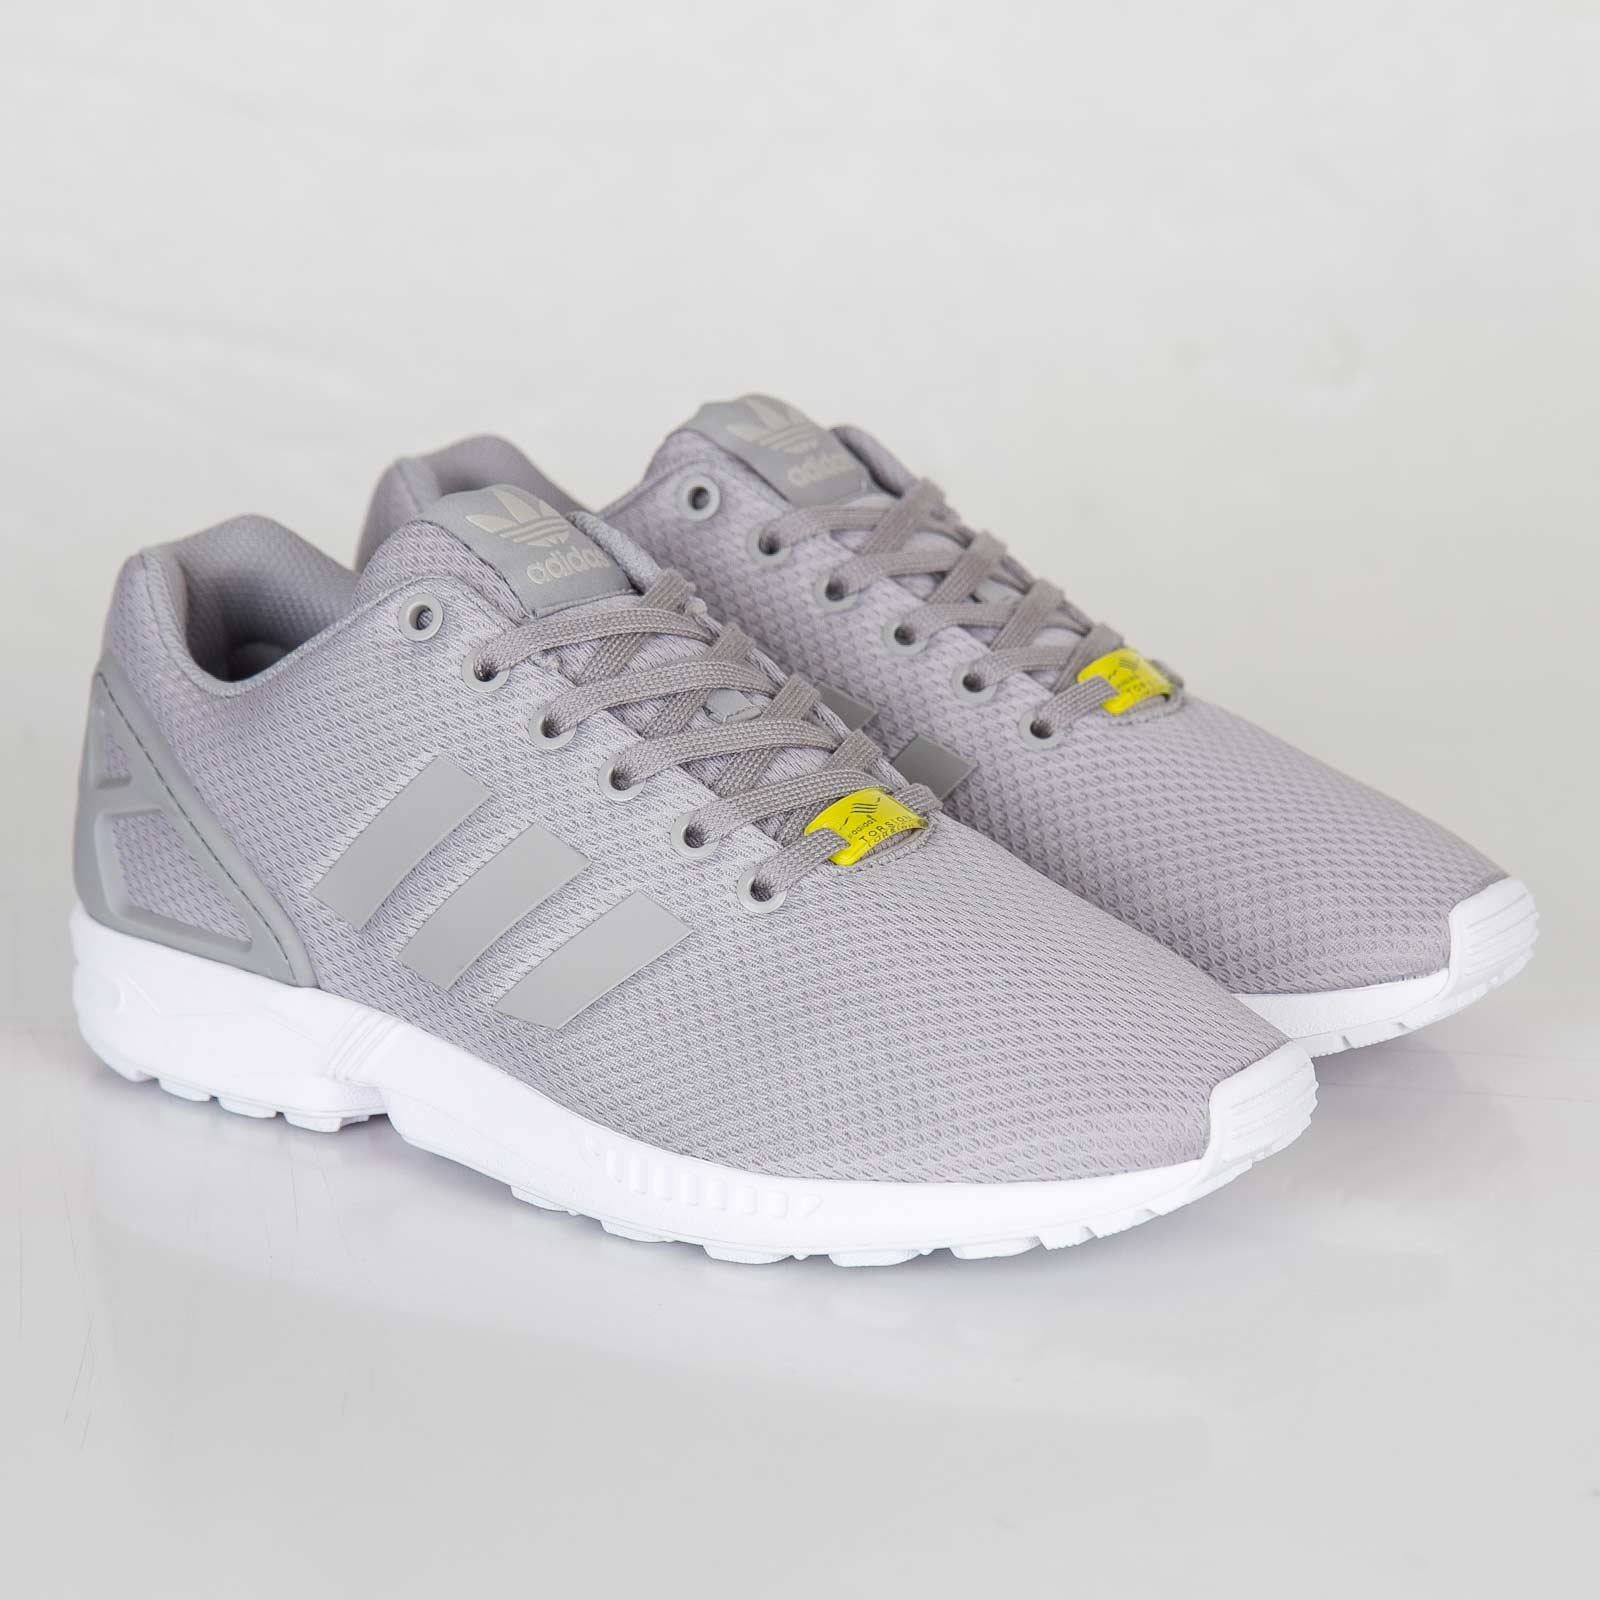 pretty nice b3328 242ab adidas ZX Flux - M19838 - Sneakersnstuff   sneakers   streetwear ...